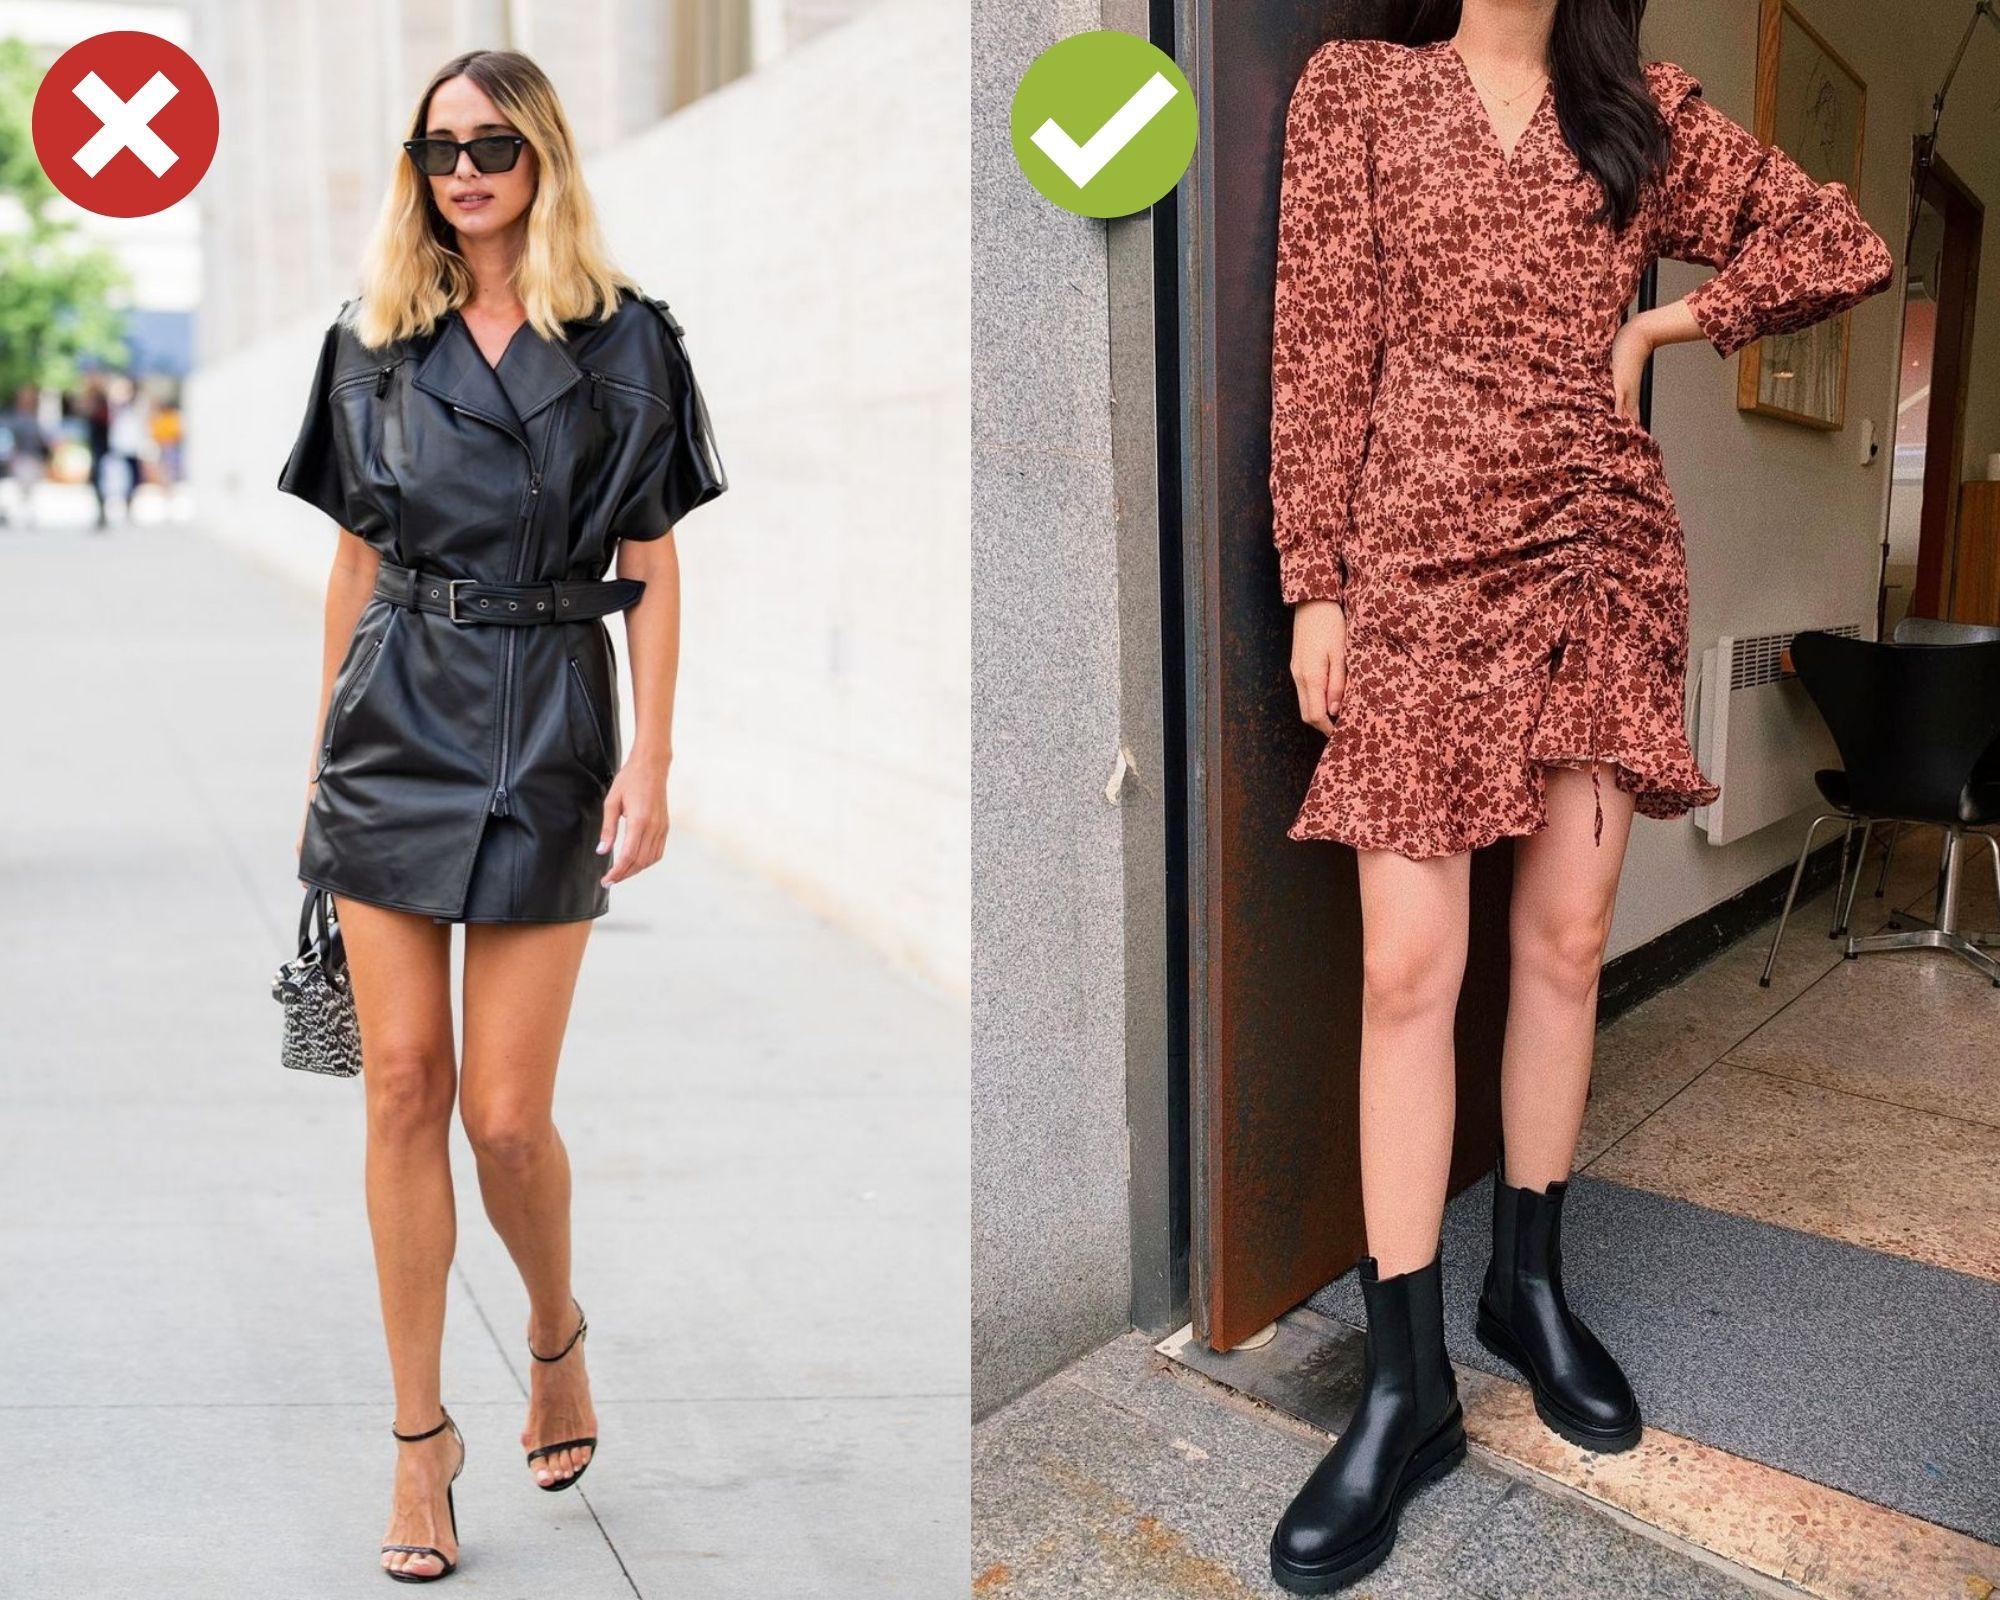 BTV thời trang chỉ ra 4 items cô nhất quyết không diện Xuân này: Toàn những món khó để mặc đẹp, dễ làm sa sút phong cách - Ảnh 4.